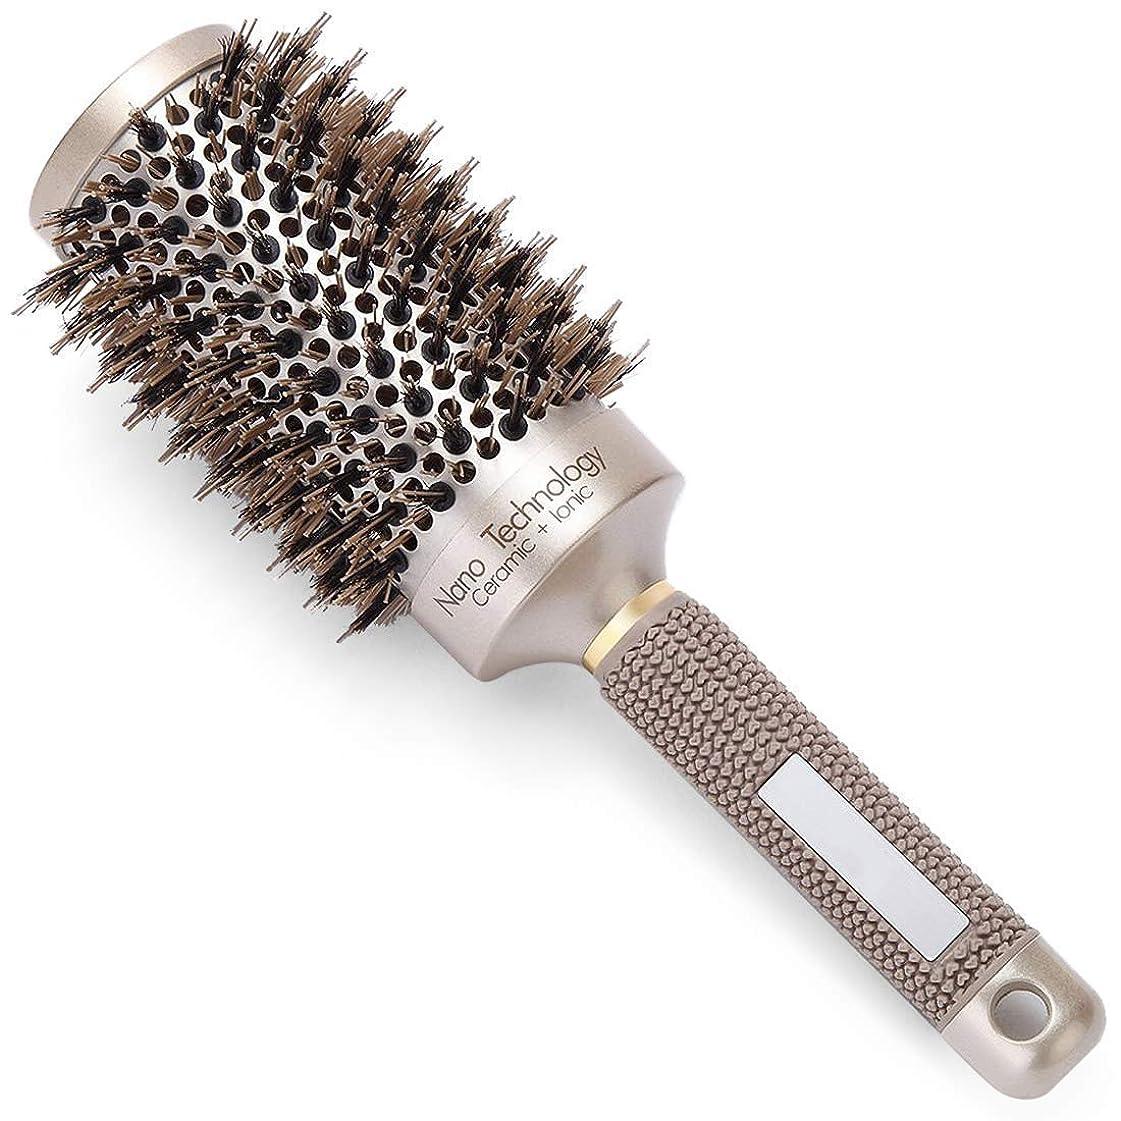 雲億クラシックCepillo redondo para el cabello Nano Térmico Barril cerámico con cerdas de jabalí natural para secar, peinar, rizar, enderezar, crear brillo, proteger el cabello,#1